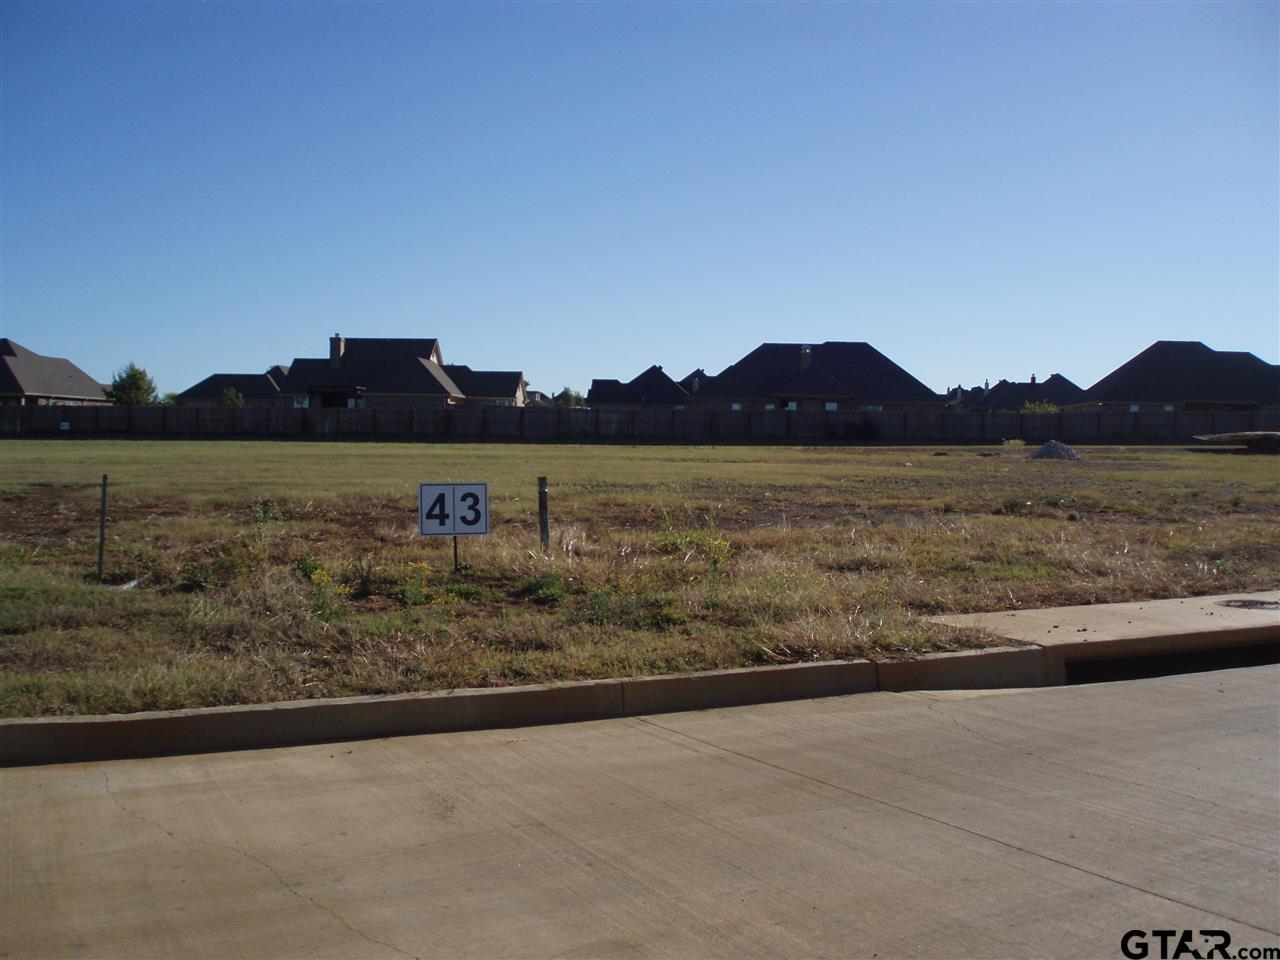 003 S Doctor M Roper Parkway (us Hwy 69), Bullard TX 75757 - Photo 2